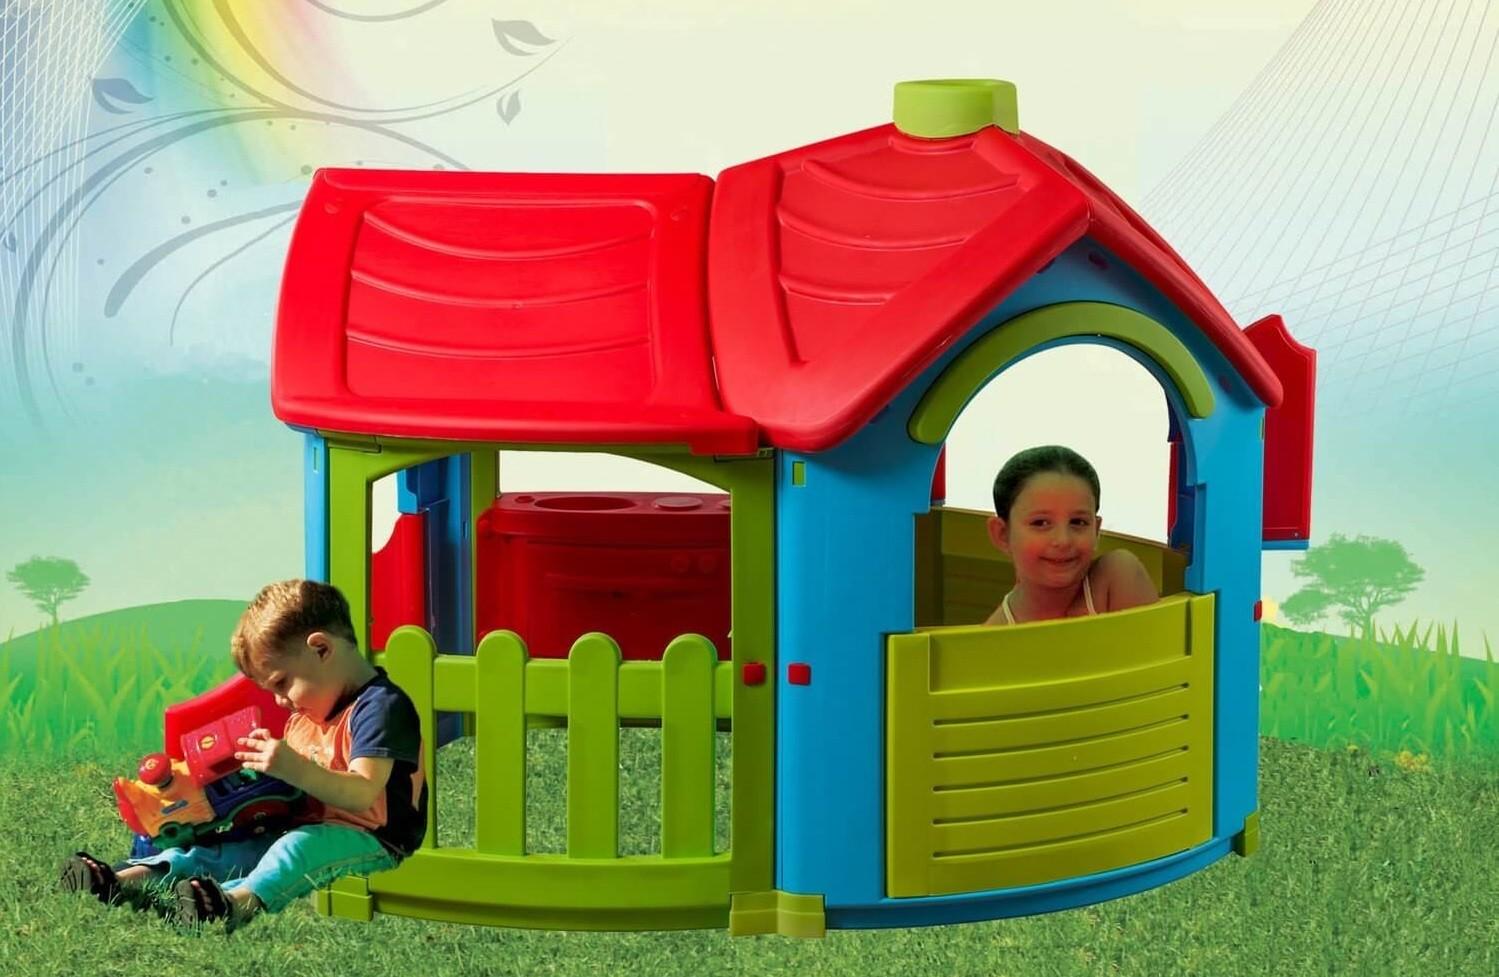 Full Size of Gartenhaus Kinder Bauen Kind Kunststoff Smoby Ebay Kleinanzeigen Holz Spielhaus Vergleich 2017 Top 5 Neu Kinderhaus Garten Kinderschaukel Kinderspielturm Wohnzimmer Gartenhaus Kind